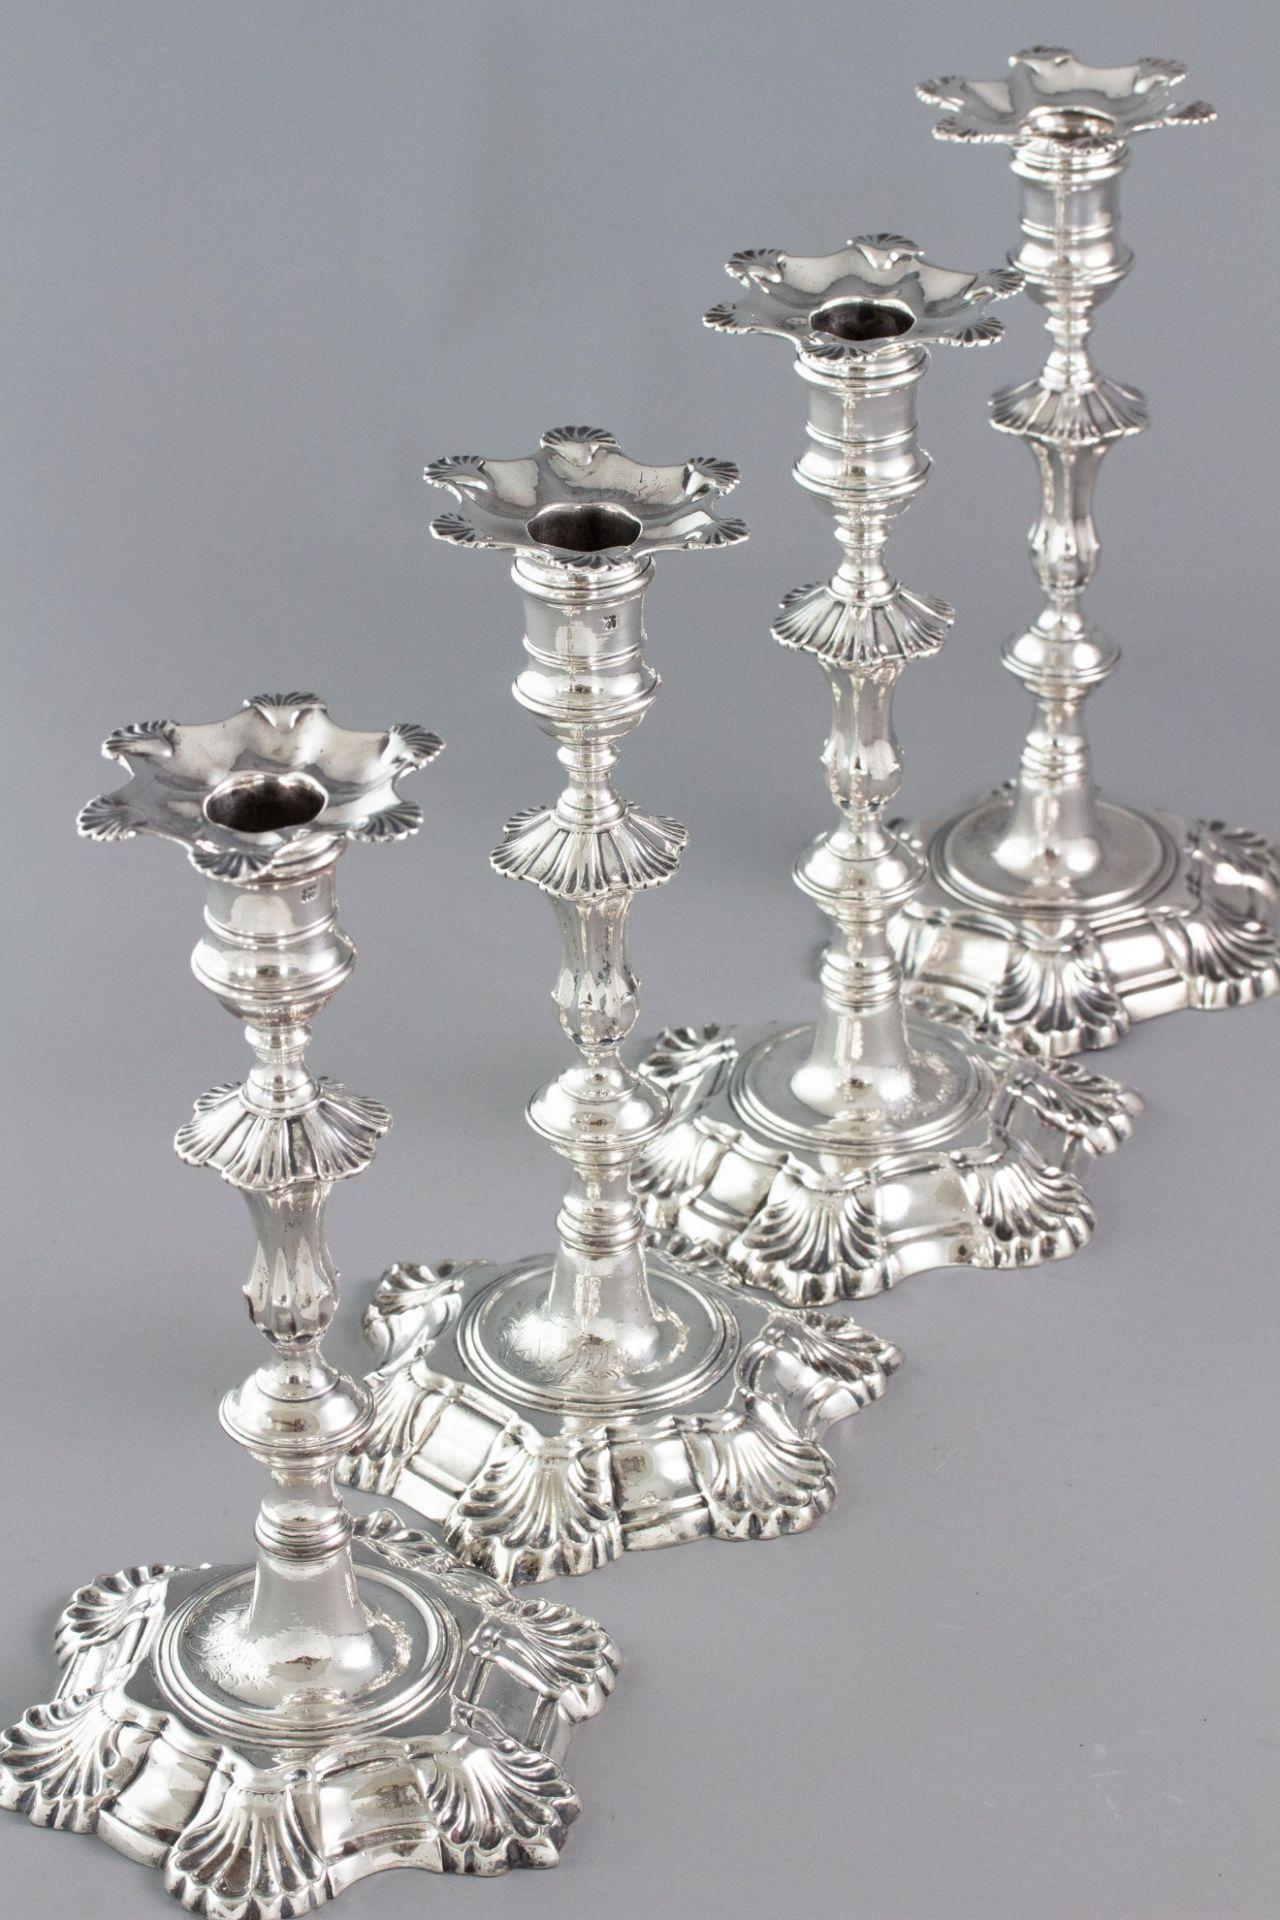 A Very Fine Set of Cast Silver Candlesticks by John Cafe London 1750